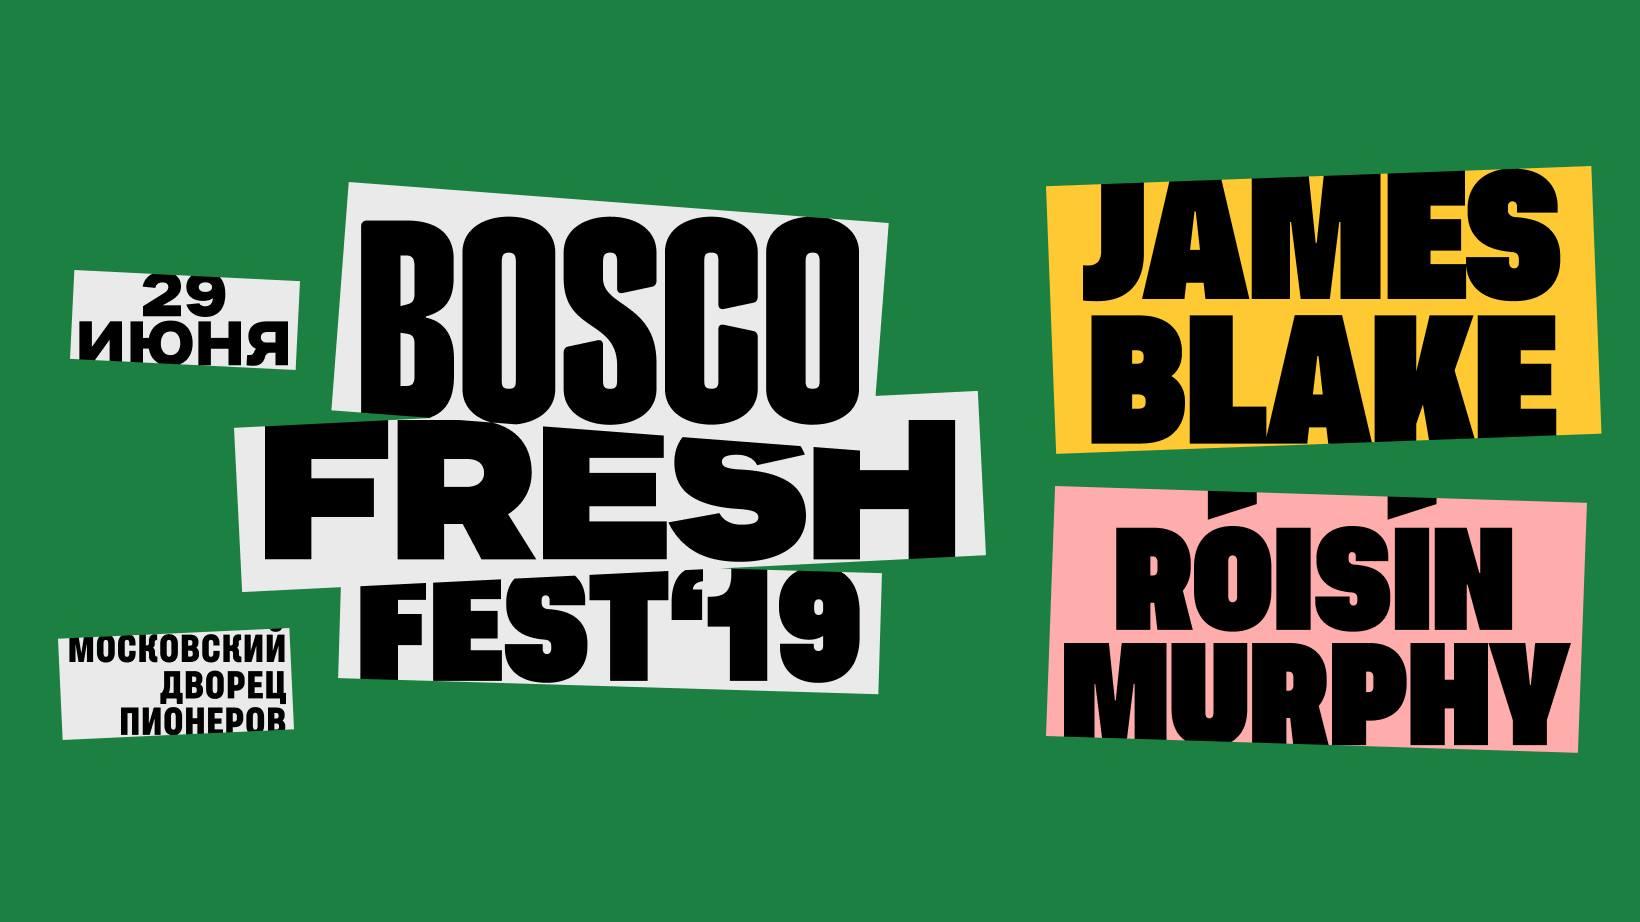 Bosco Fresh Fest